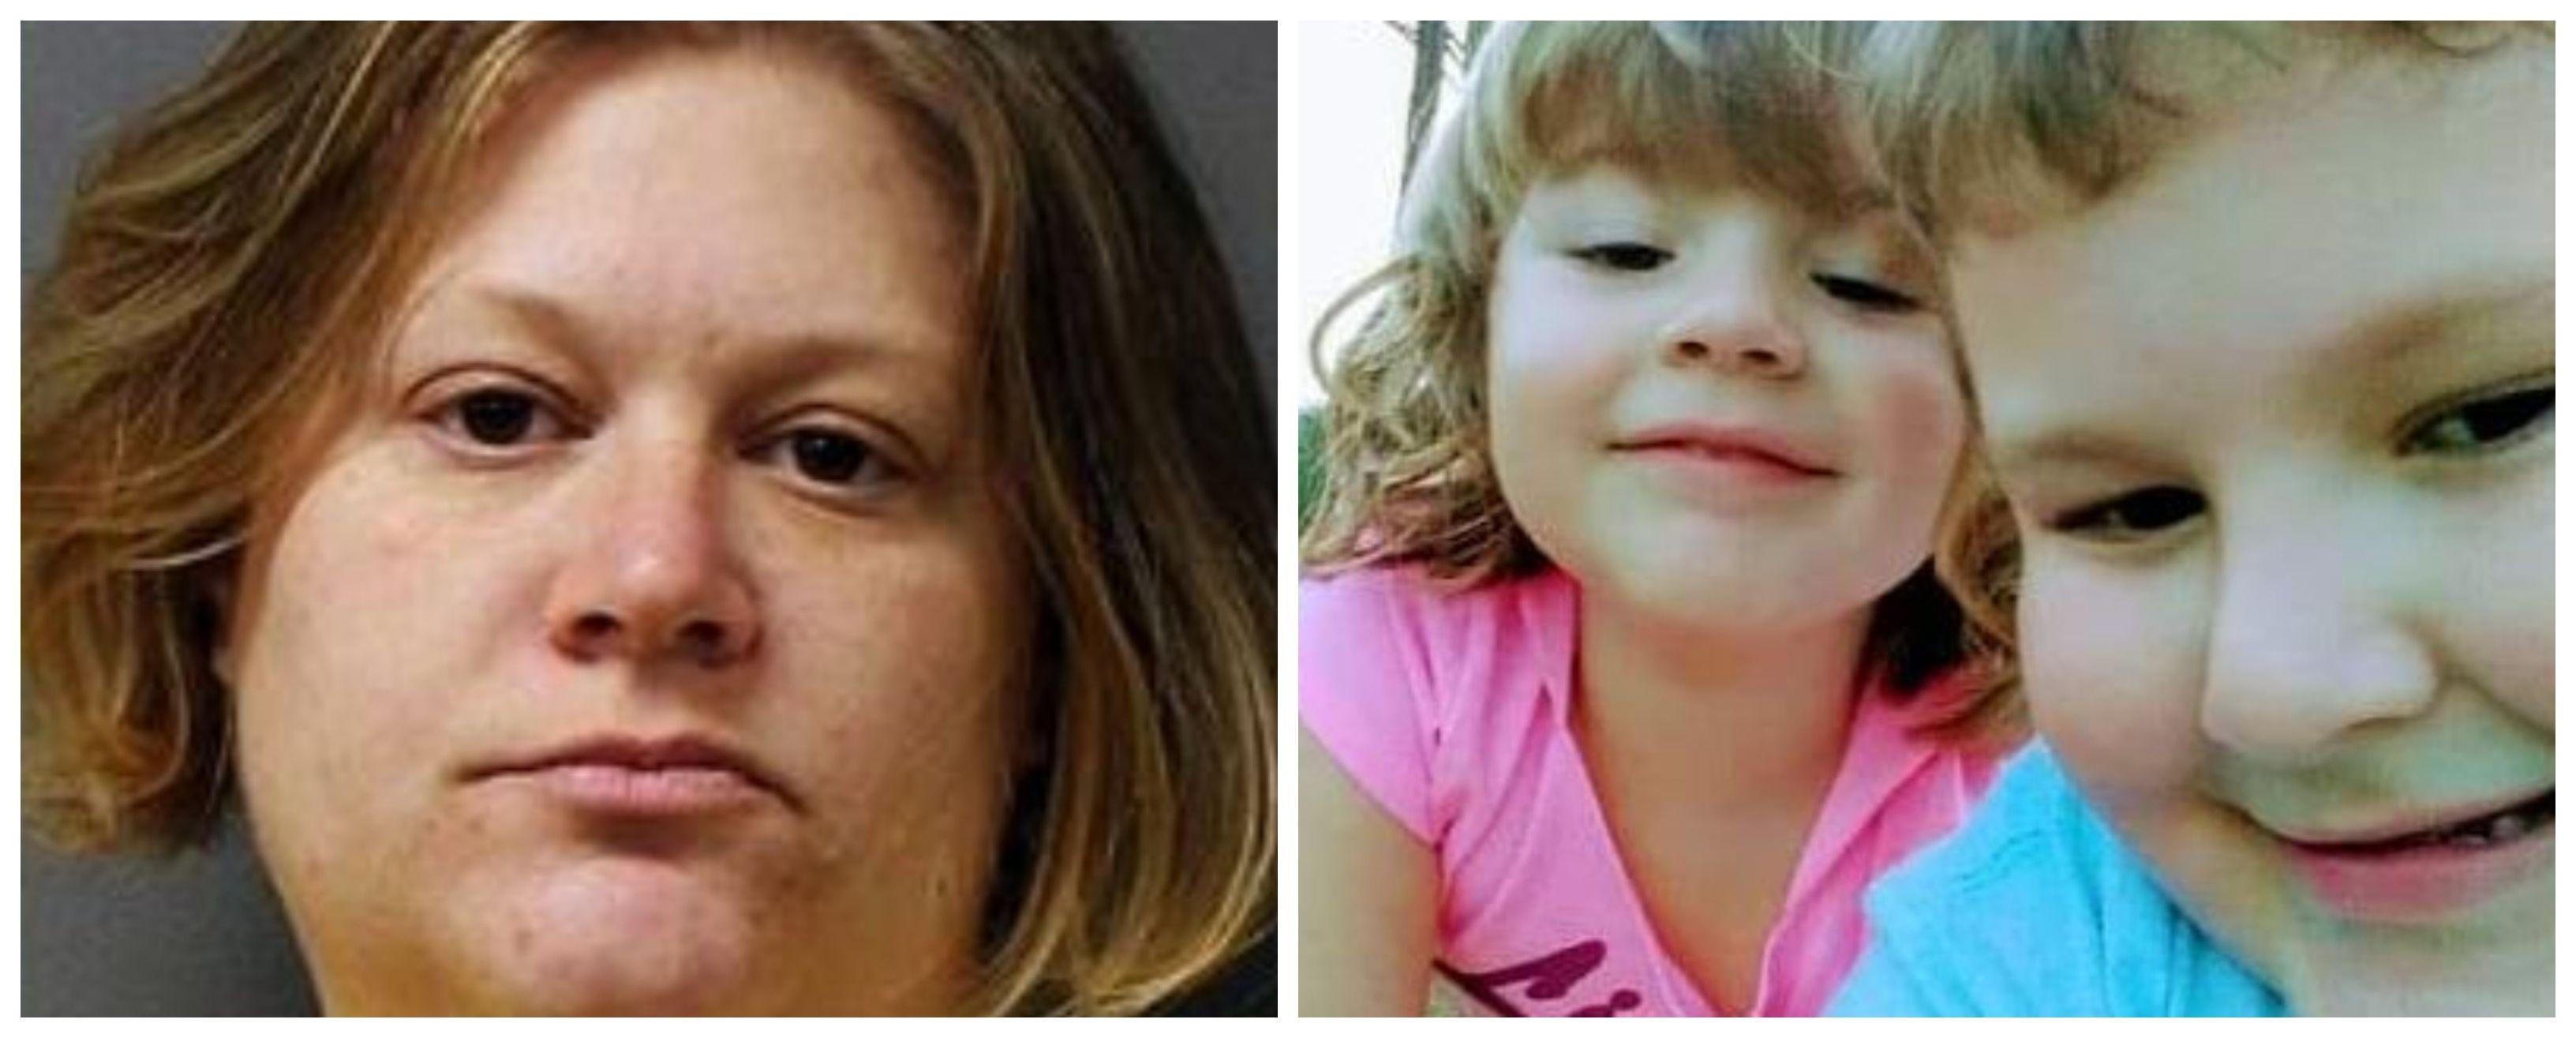 Lisa Snyder fue detenida y encarcelada por ser la presunta responsable del asesinato de sus dos hijos menores de edad (Foto: Berks County Jail System y Facebook)